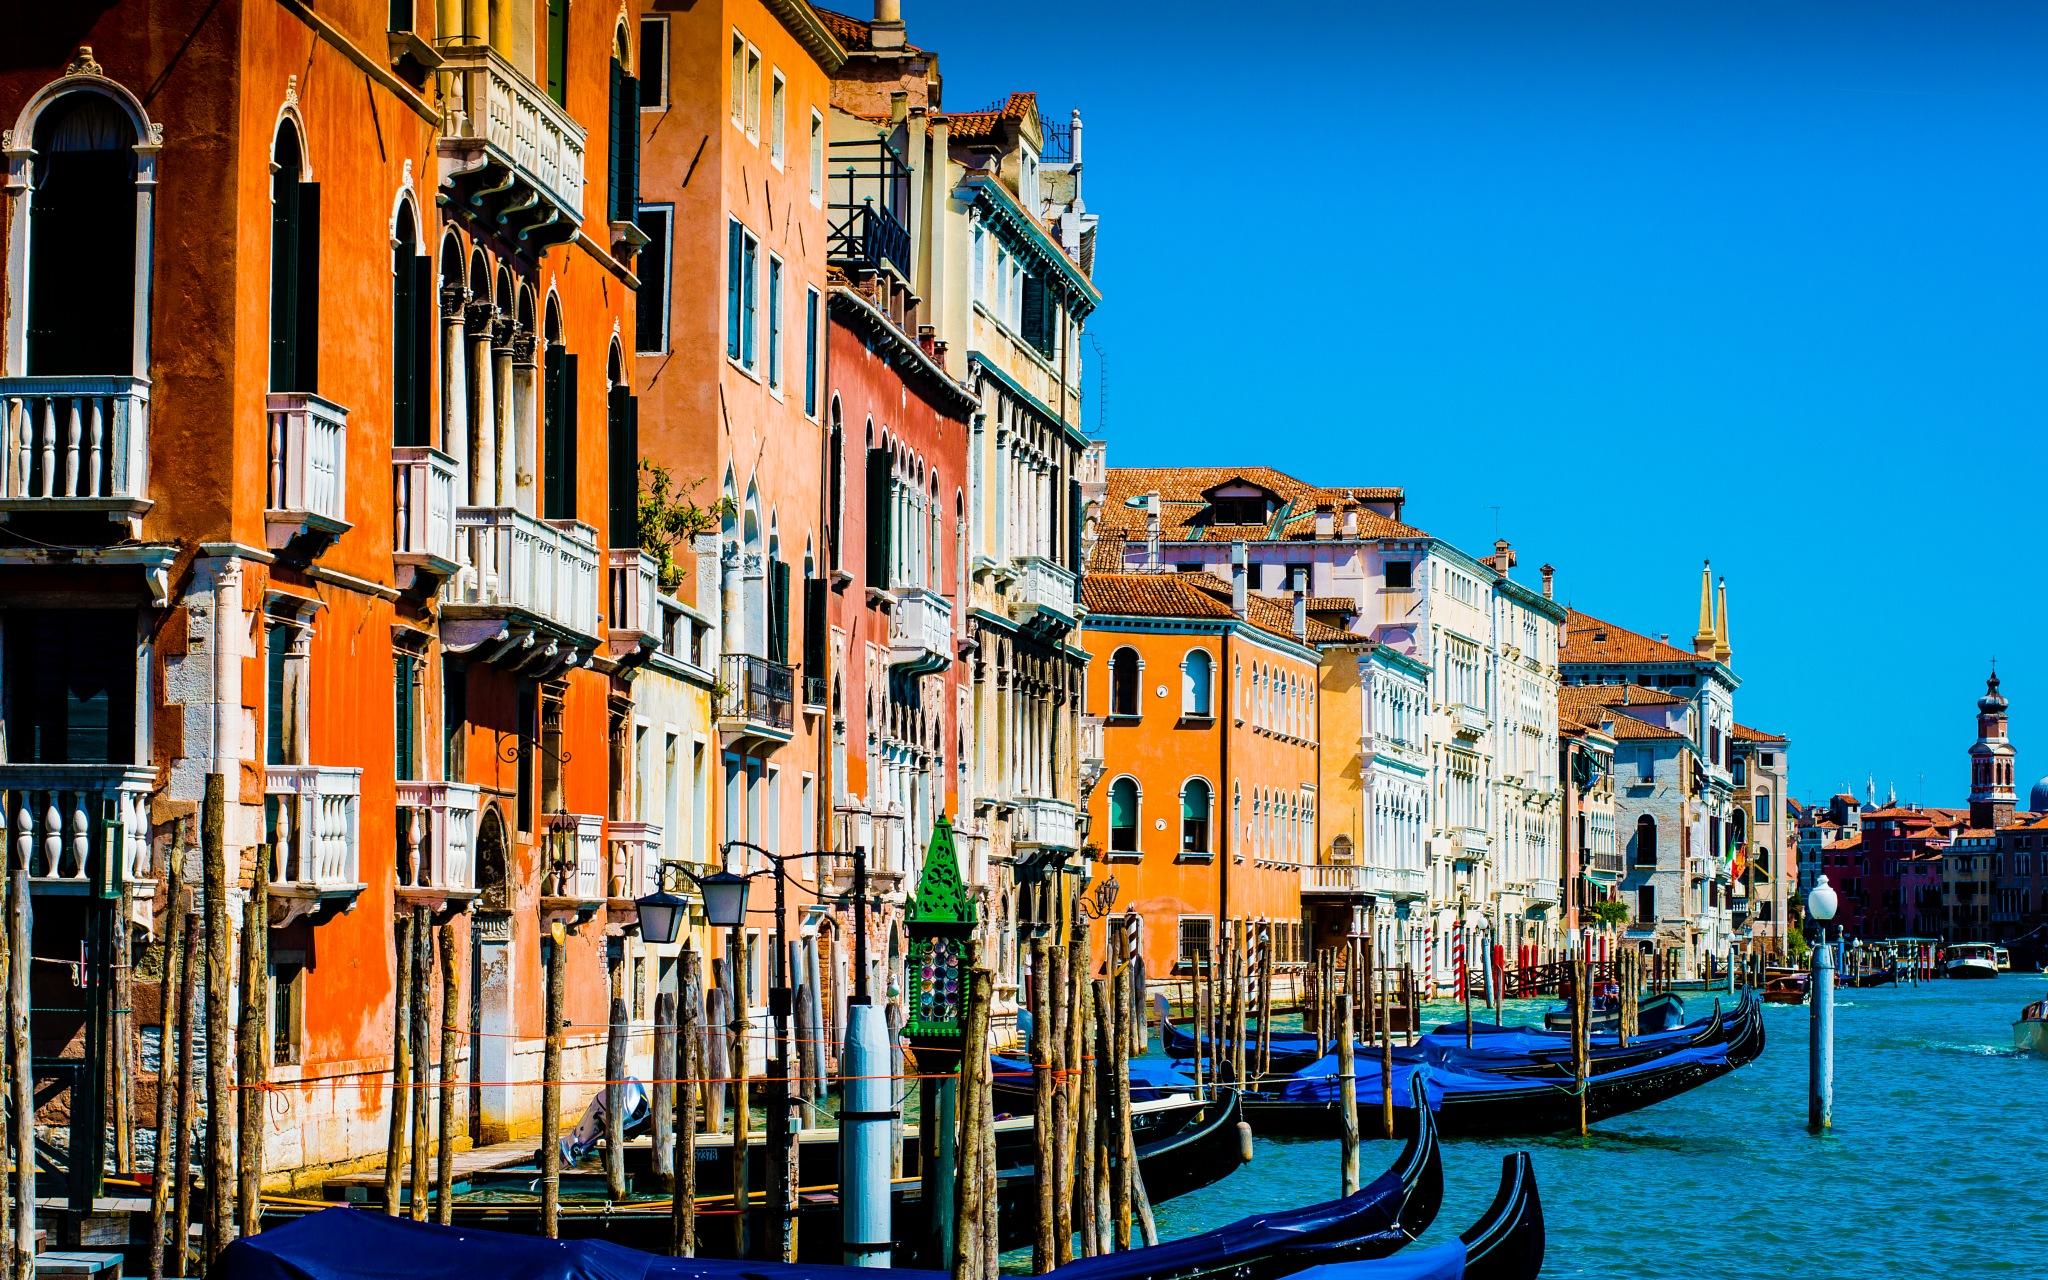 Venedig by beutlerremo2